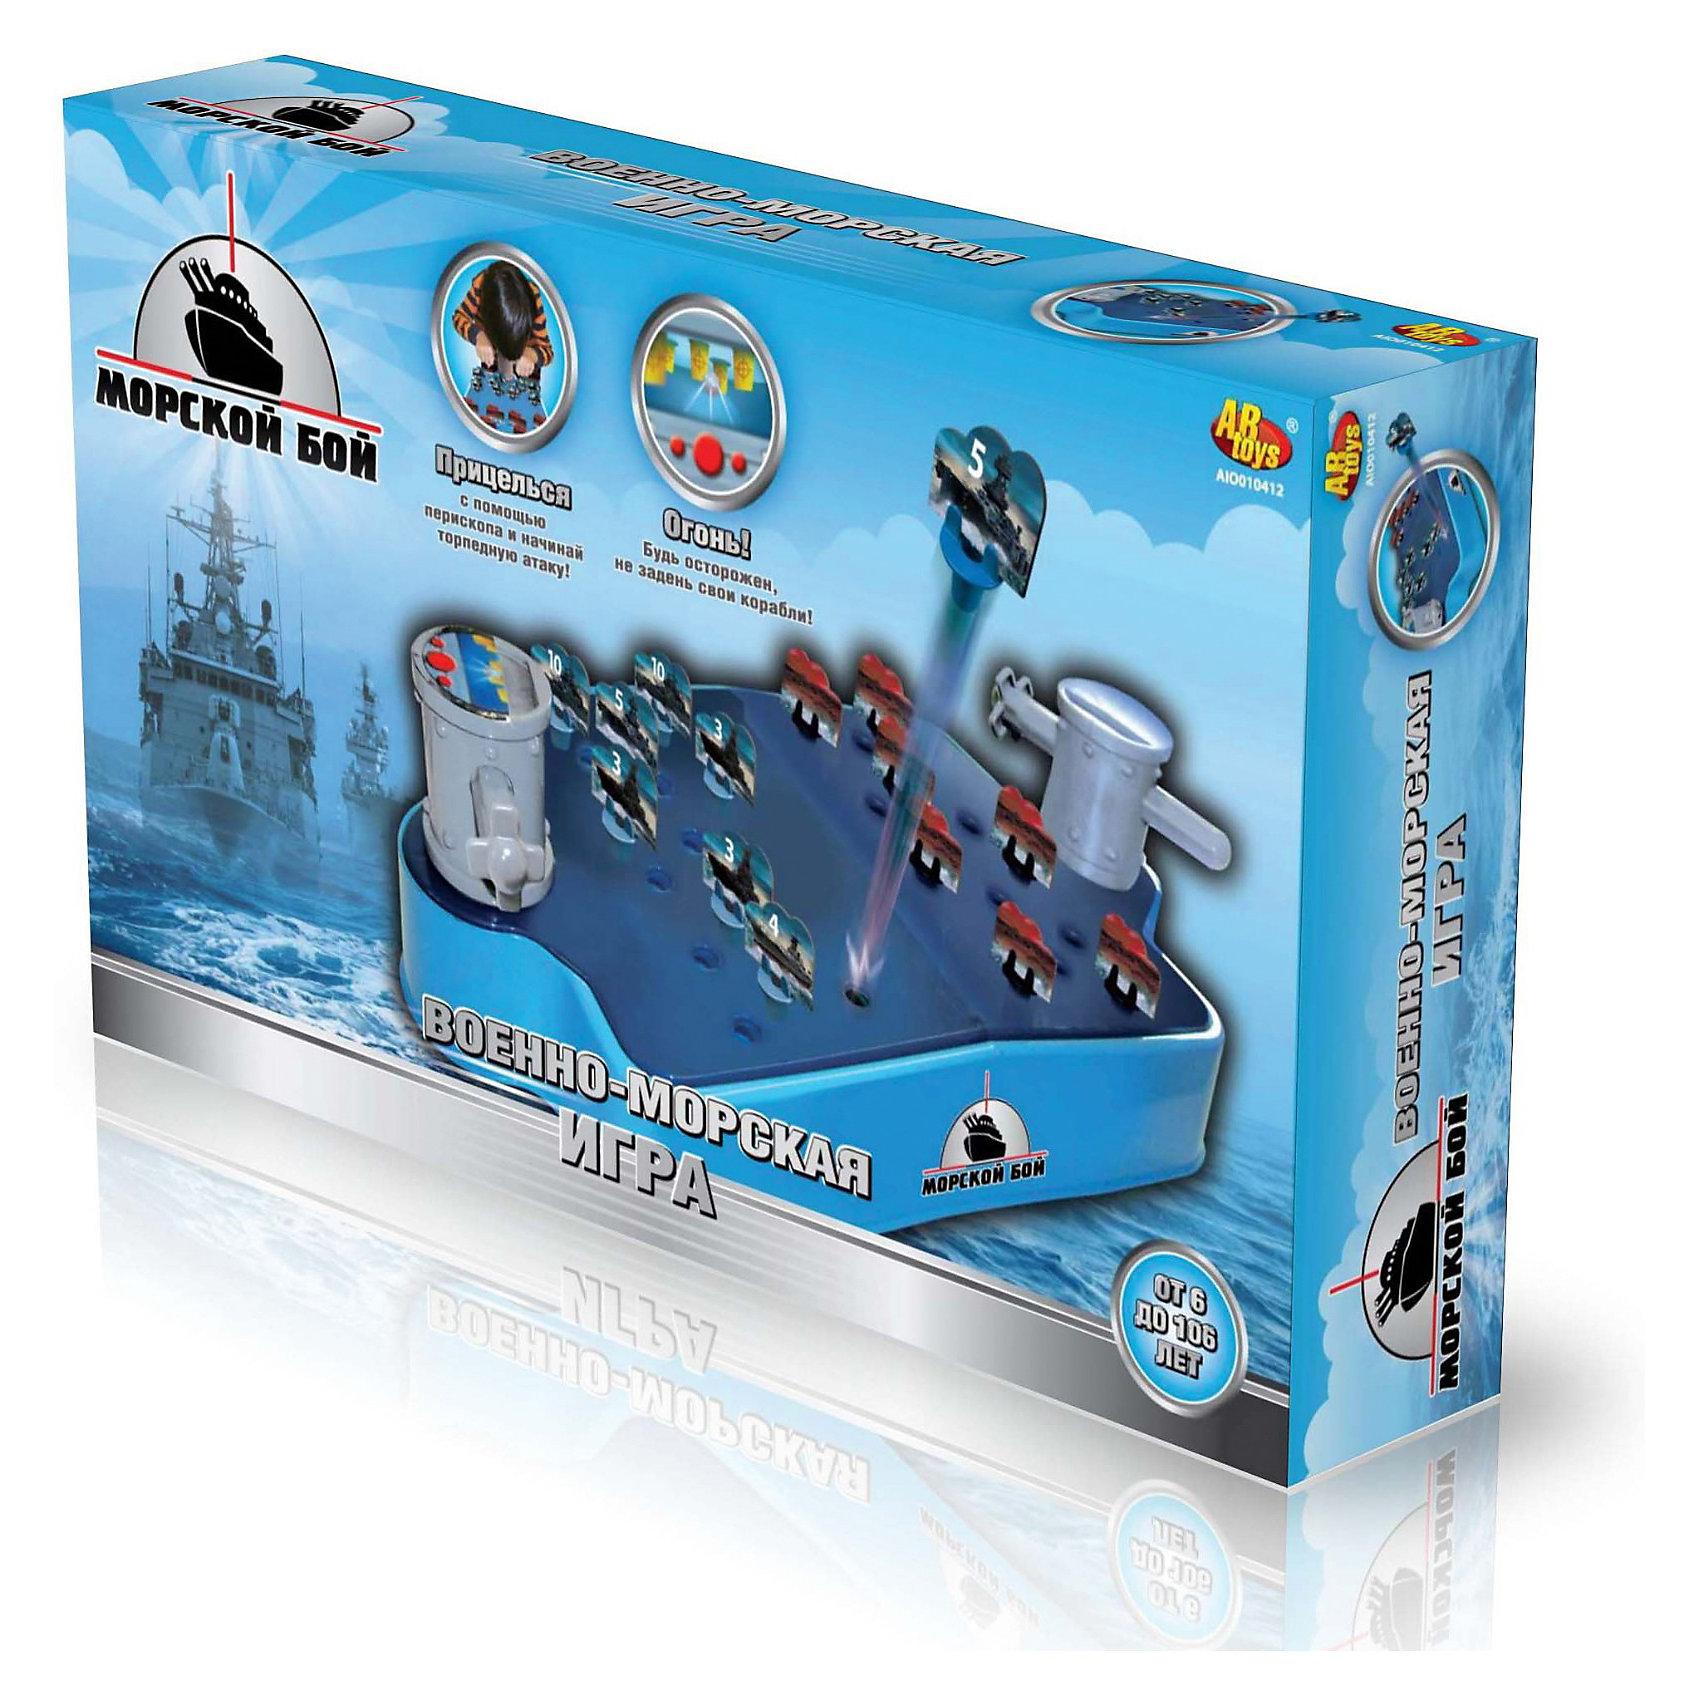 Игра Морской Бой с перископическим прицеломНовый вариант классической тактической игры Морской бой. Но в данной игре бой происходит под водой (под полем) и целиться надо с помощью перископа. <br><br>Задача каждого игрока грамотно расставить свои корабли и подбить вражеские. Побеждает тот, кто первым потопит все вражеские судна и наберет наибольшее количество очков.<br><br>Как играть:<br>1. Установить свои корабли, затем выбрать первую цель.<br>2. Прицелиться с помощью перископа.<br>3. повернуть рычаг и выстрелить шариком-торпедой.<br>4. Подбить вражеское судно.<br>Сбитые корабли выскакивают вверх поля. Необходим четкий тактический расчет, чтобы не задеть свои корабли. <br><br>Дополнительная информация:<br><br>- В комплект входит: игровое поле; 2 джойстика с перископом; 4 шарика-торпеды; 20 карточек-мишеней;  20 подставок; 10 меток; правила.<br>- Материал: пластмасса.<br><br>Ширина мм: 419<br>Глубина мм: 244<br>Высота мм: 76<br>Вес г: 223<br>Возраст от месяцев: 60<br>Возраст до месяцев: 180<br>Пол: Мужской<br>Возраст: Детский<br>SKU: 3220296